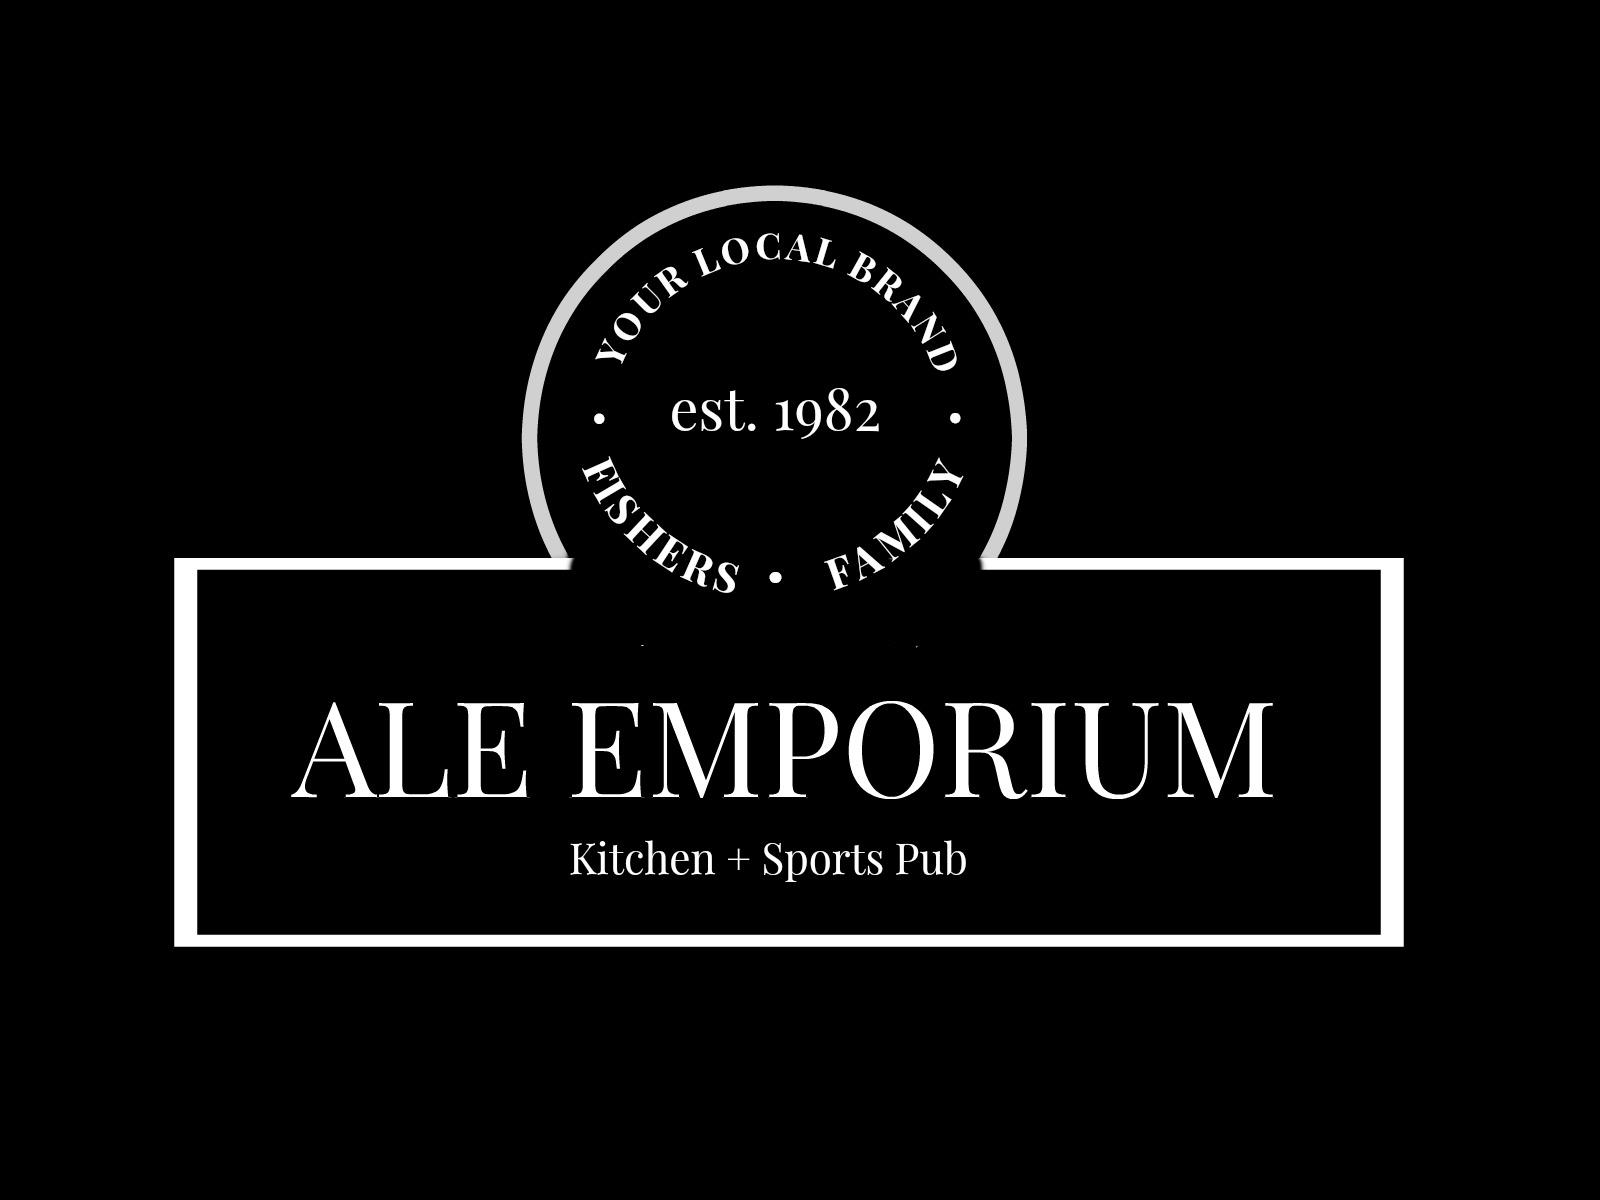 Ale Emporium - Fishers